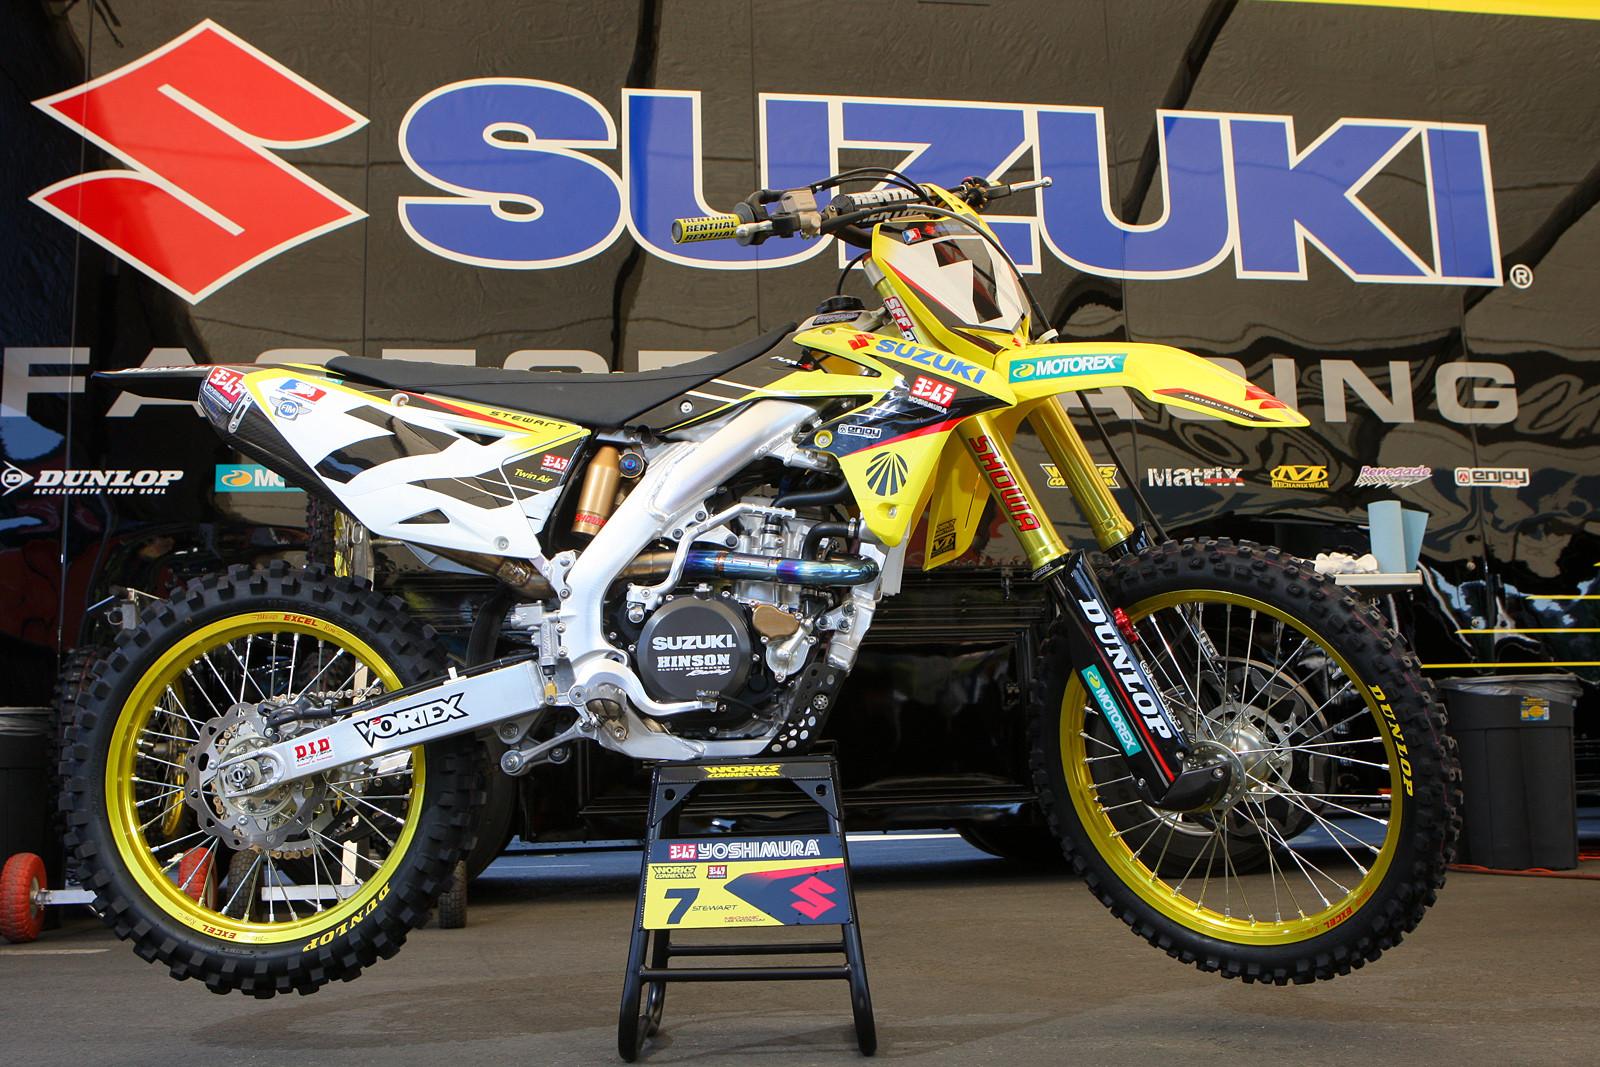 James Stewart - Bikes of Supercross 2013 - Motocross Pictures - Vital MX